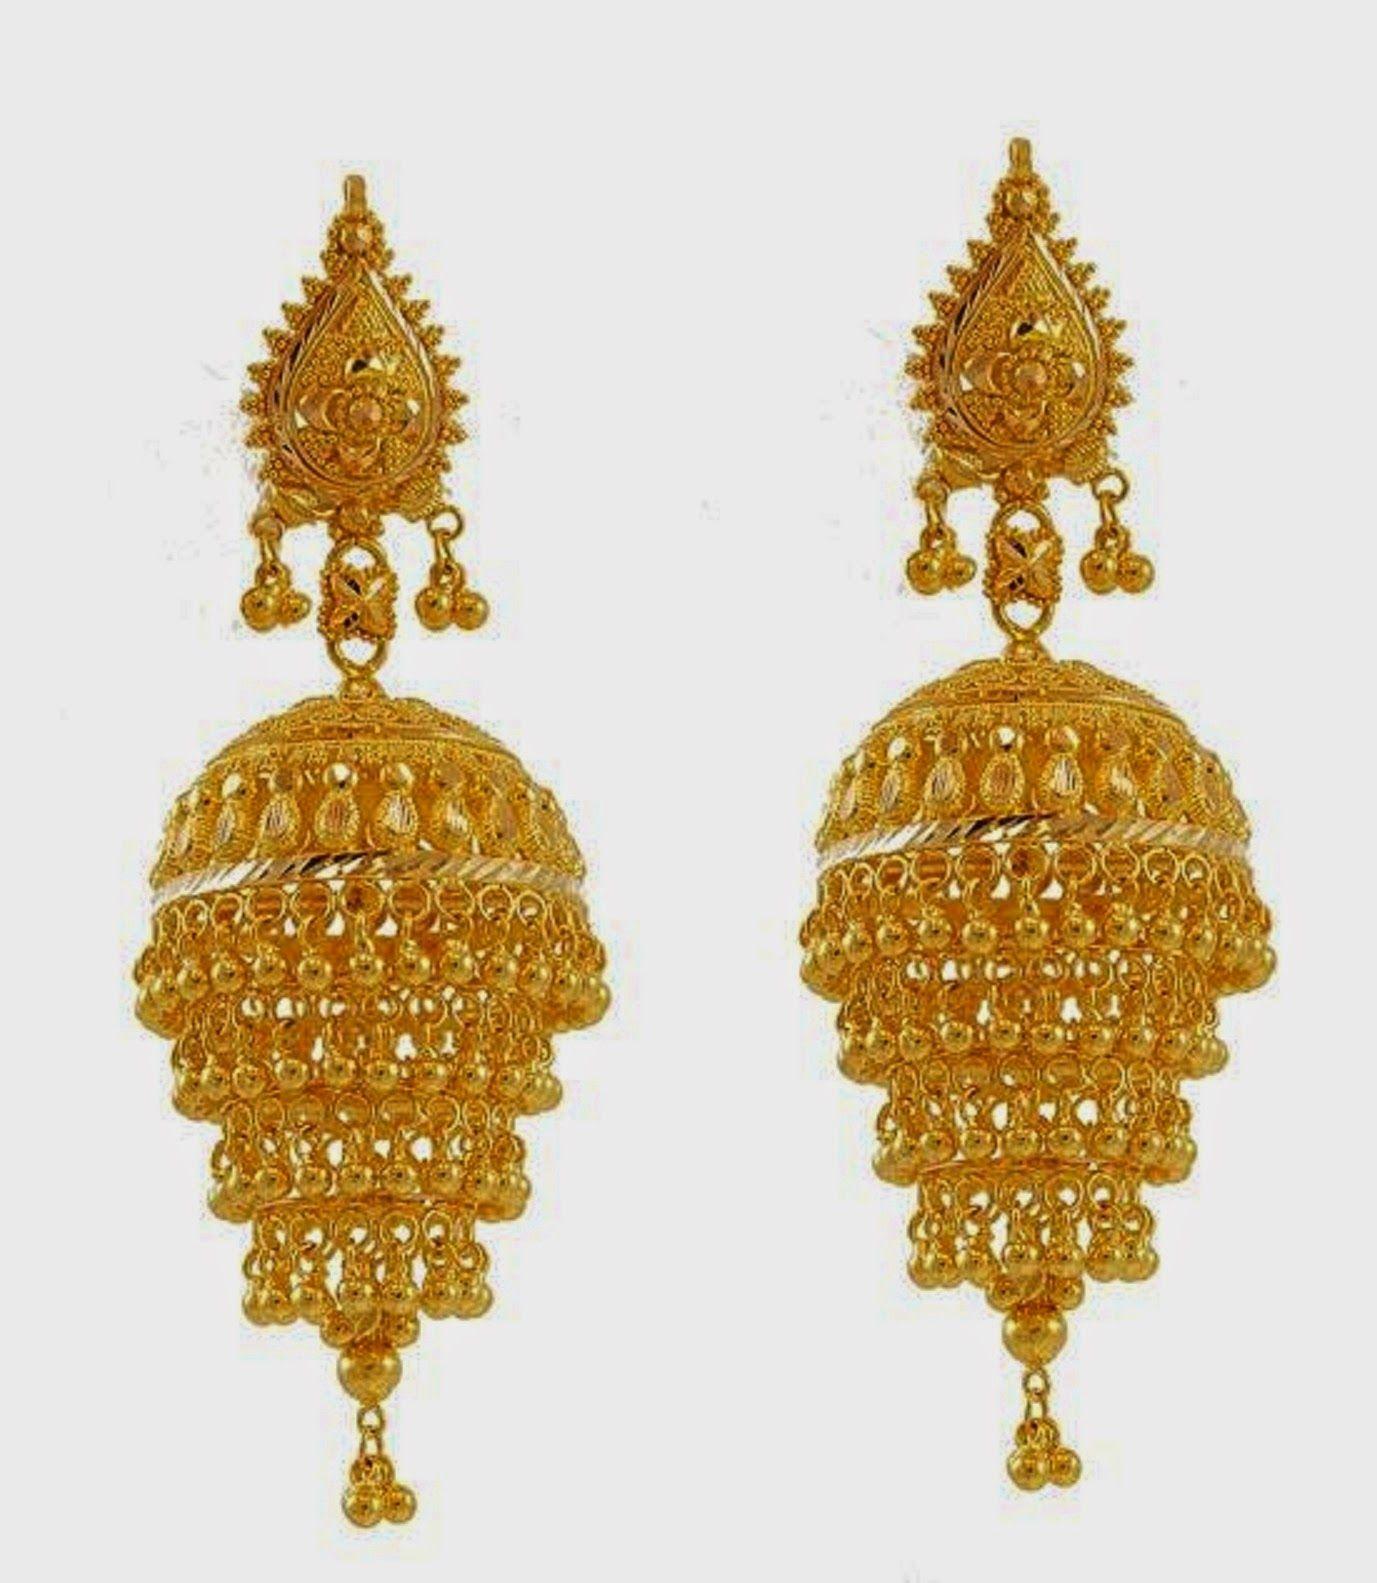 Pin By Jasminchoudhury On Cherries Gold Earrings Designs